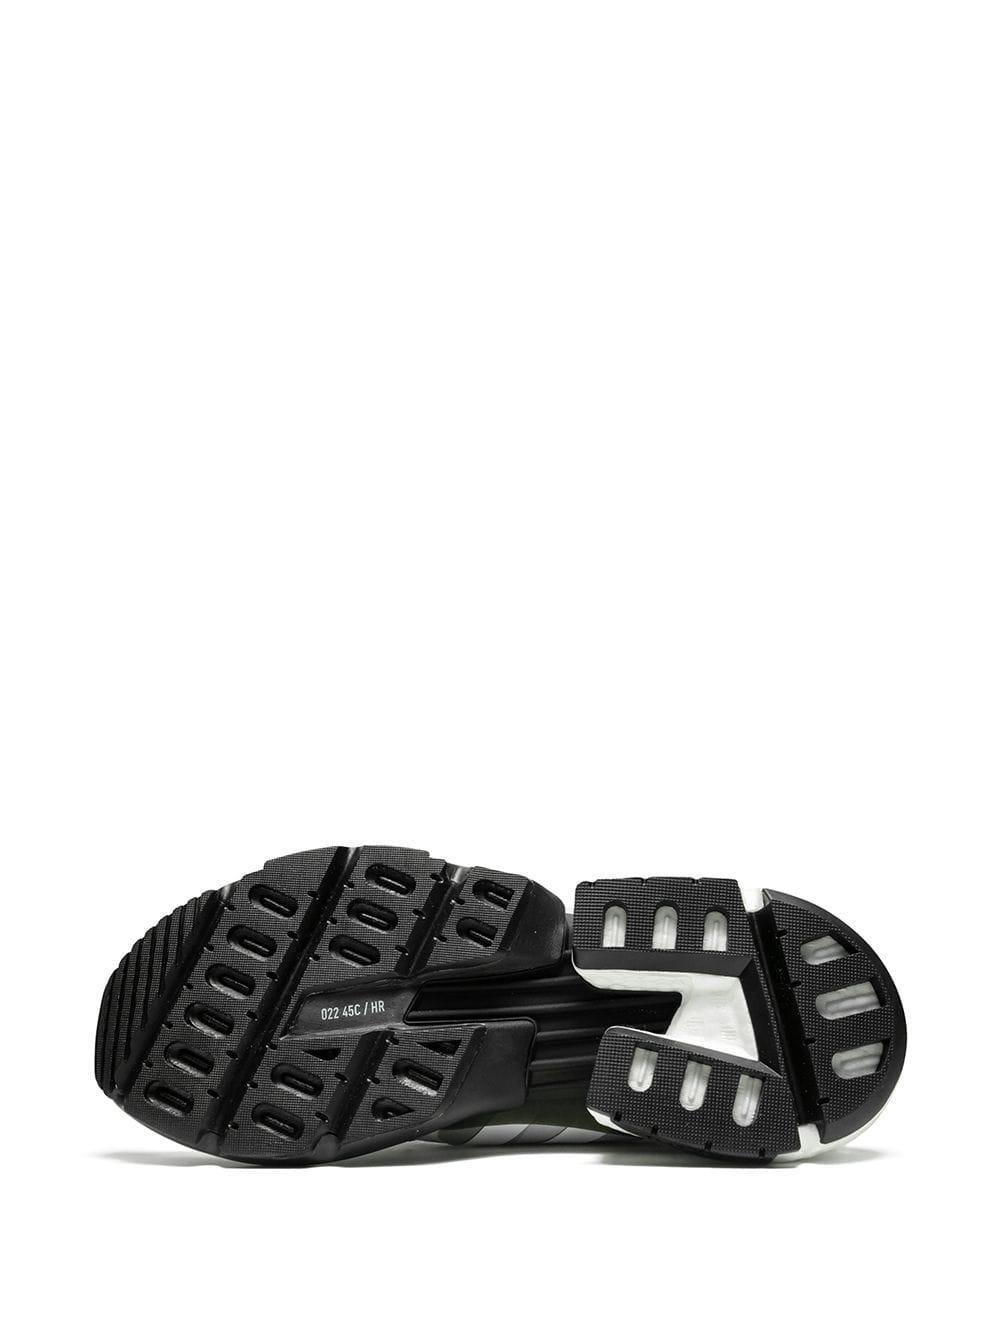 Zapatillas NBHD Bape Pod S3.1 adidas de Tejido sintético de color Negro